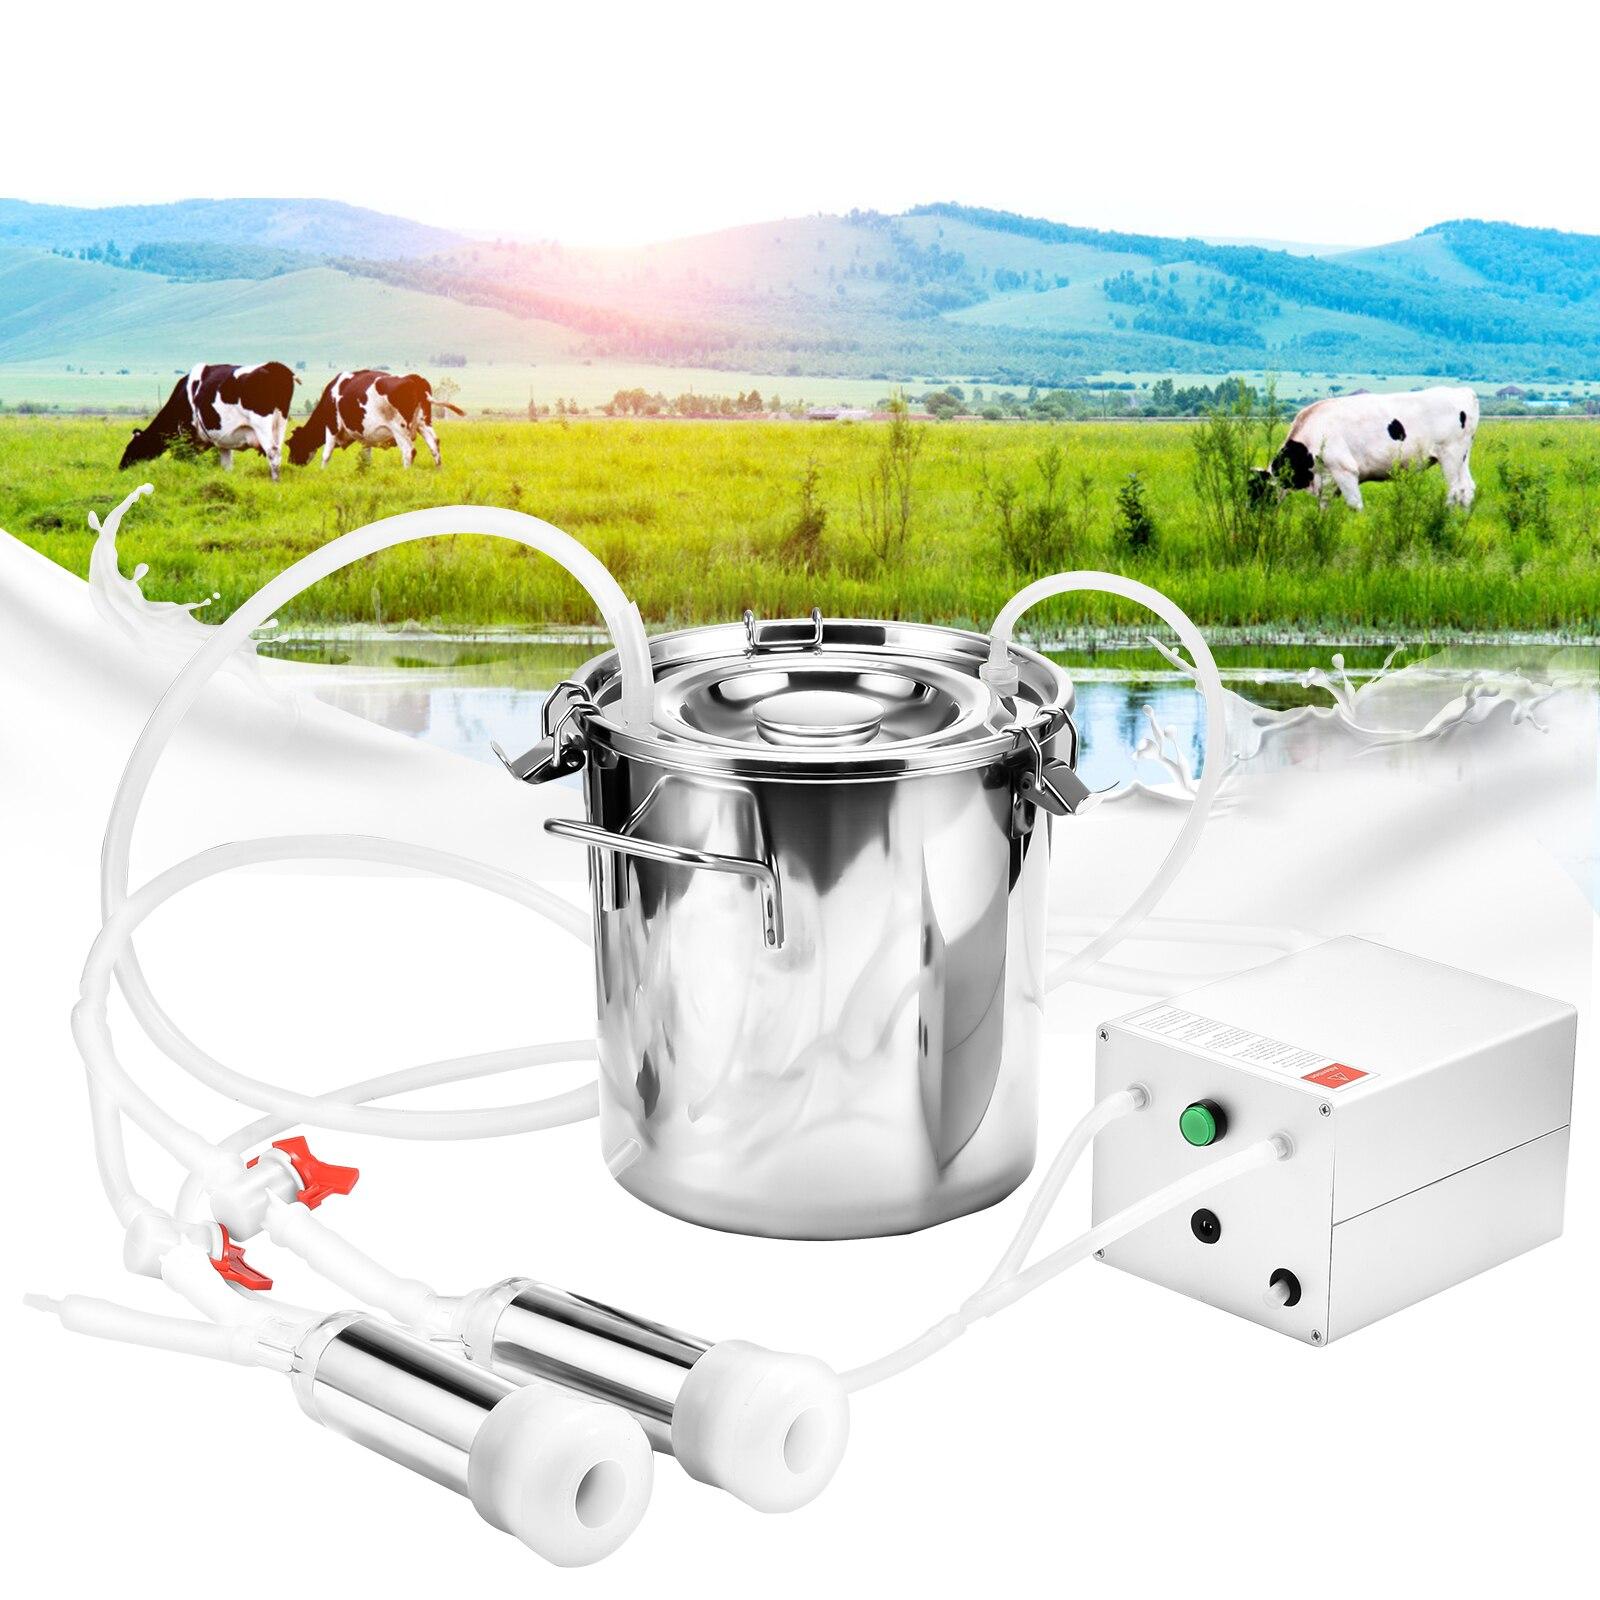 7L /14L Portable Electric Goat Cow Milking Machine Auto Stop Function Pulsation Vacuum Pump Milker For Farm Cow Sheep Goat EU US